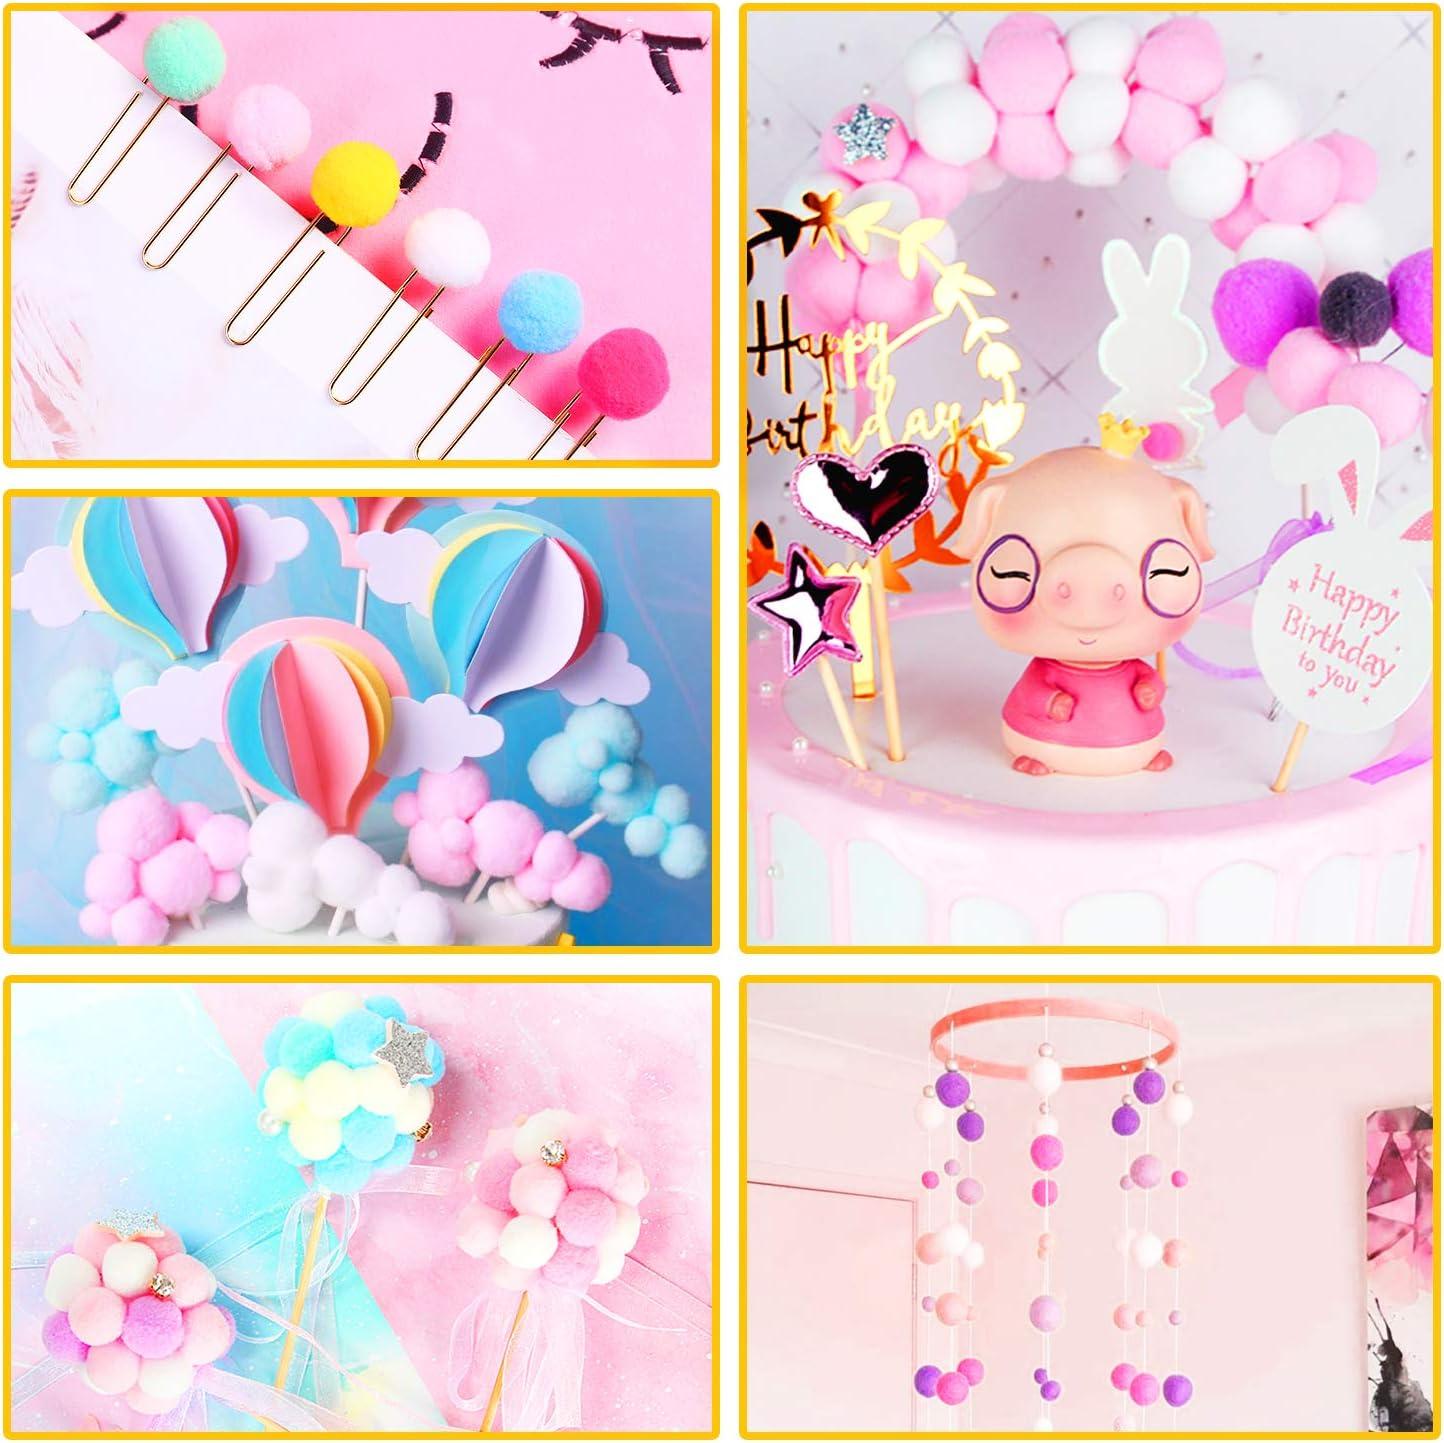 Pompones de Colores 1200pcs- 1-1.5cm Pelotas de Peluche mullidas para Divertidas Manualidades Creativas Pompones de Pompon Gifort Pompons